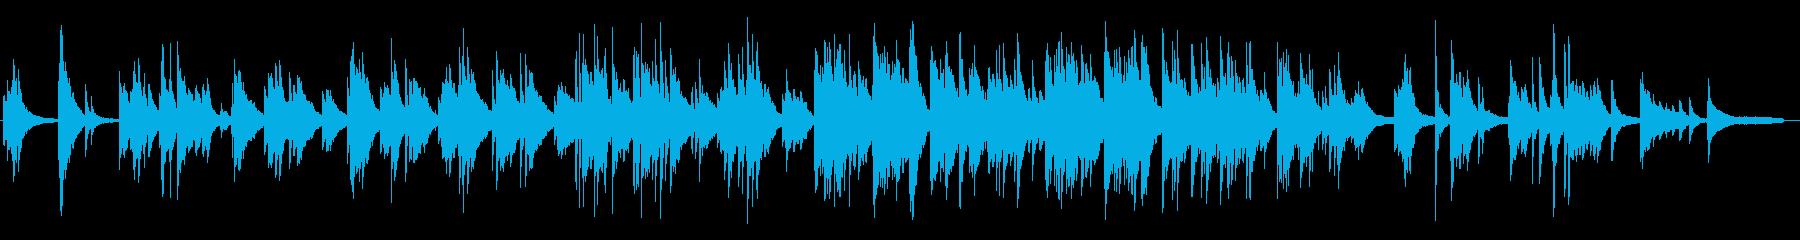 暗く冷たい、悲しいピアノBGMの再生済みの波形